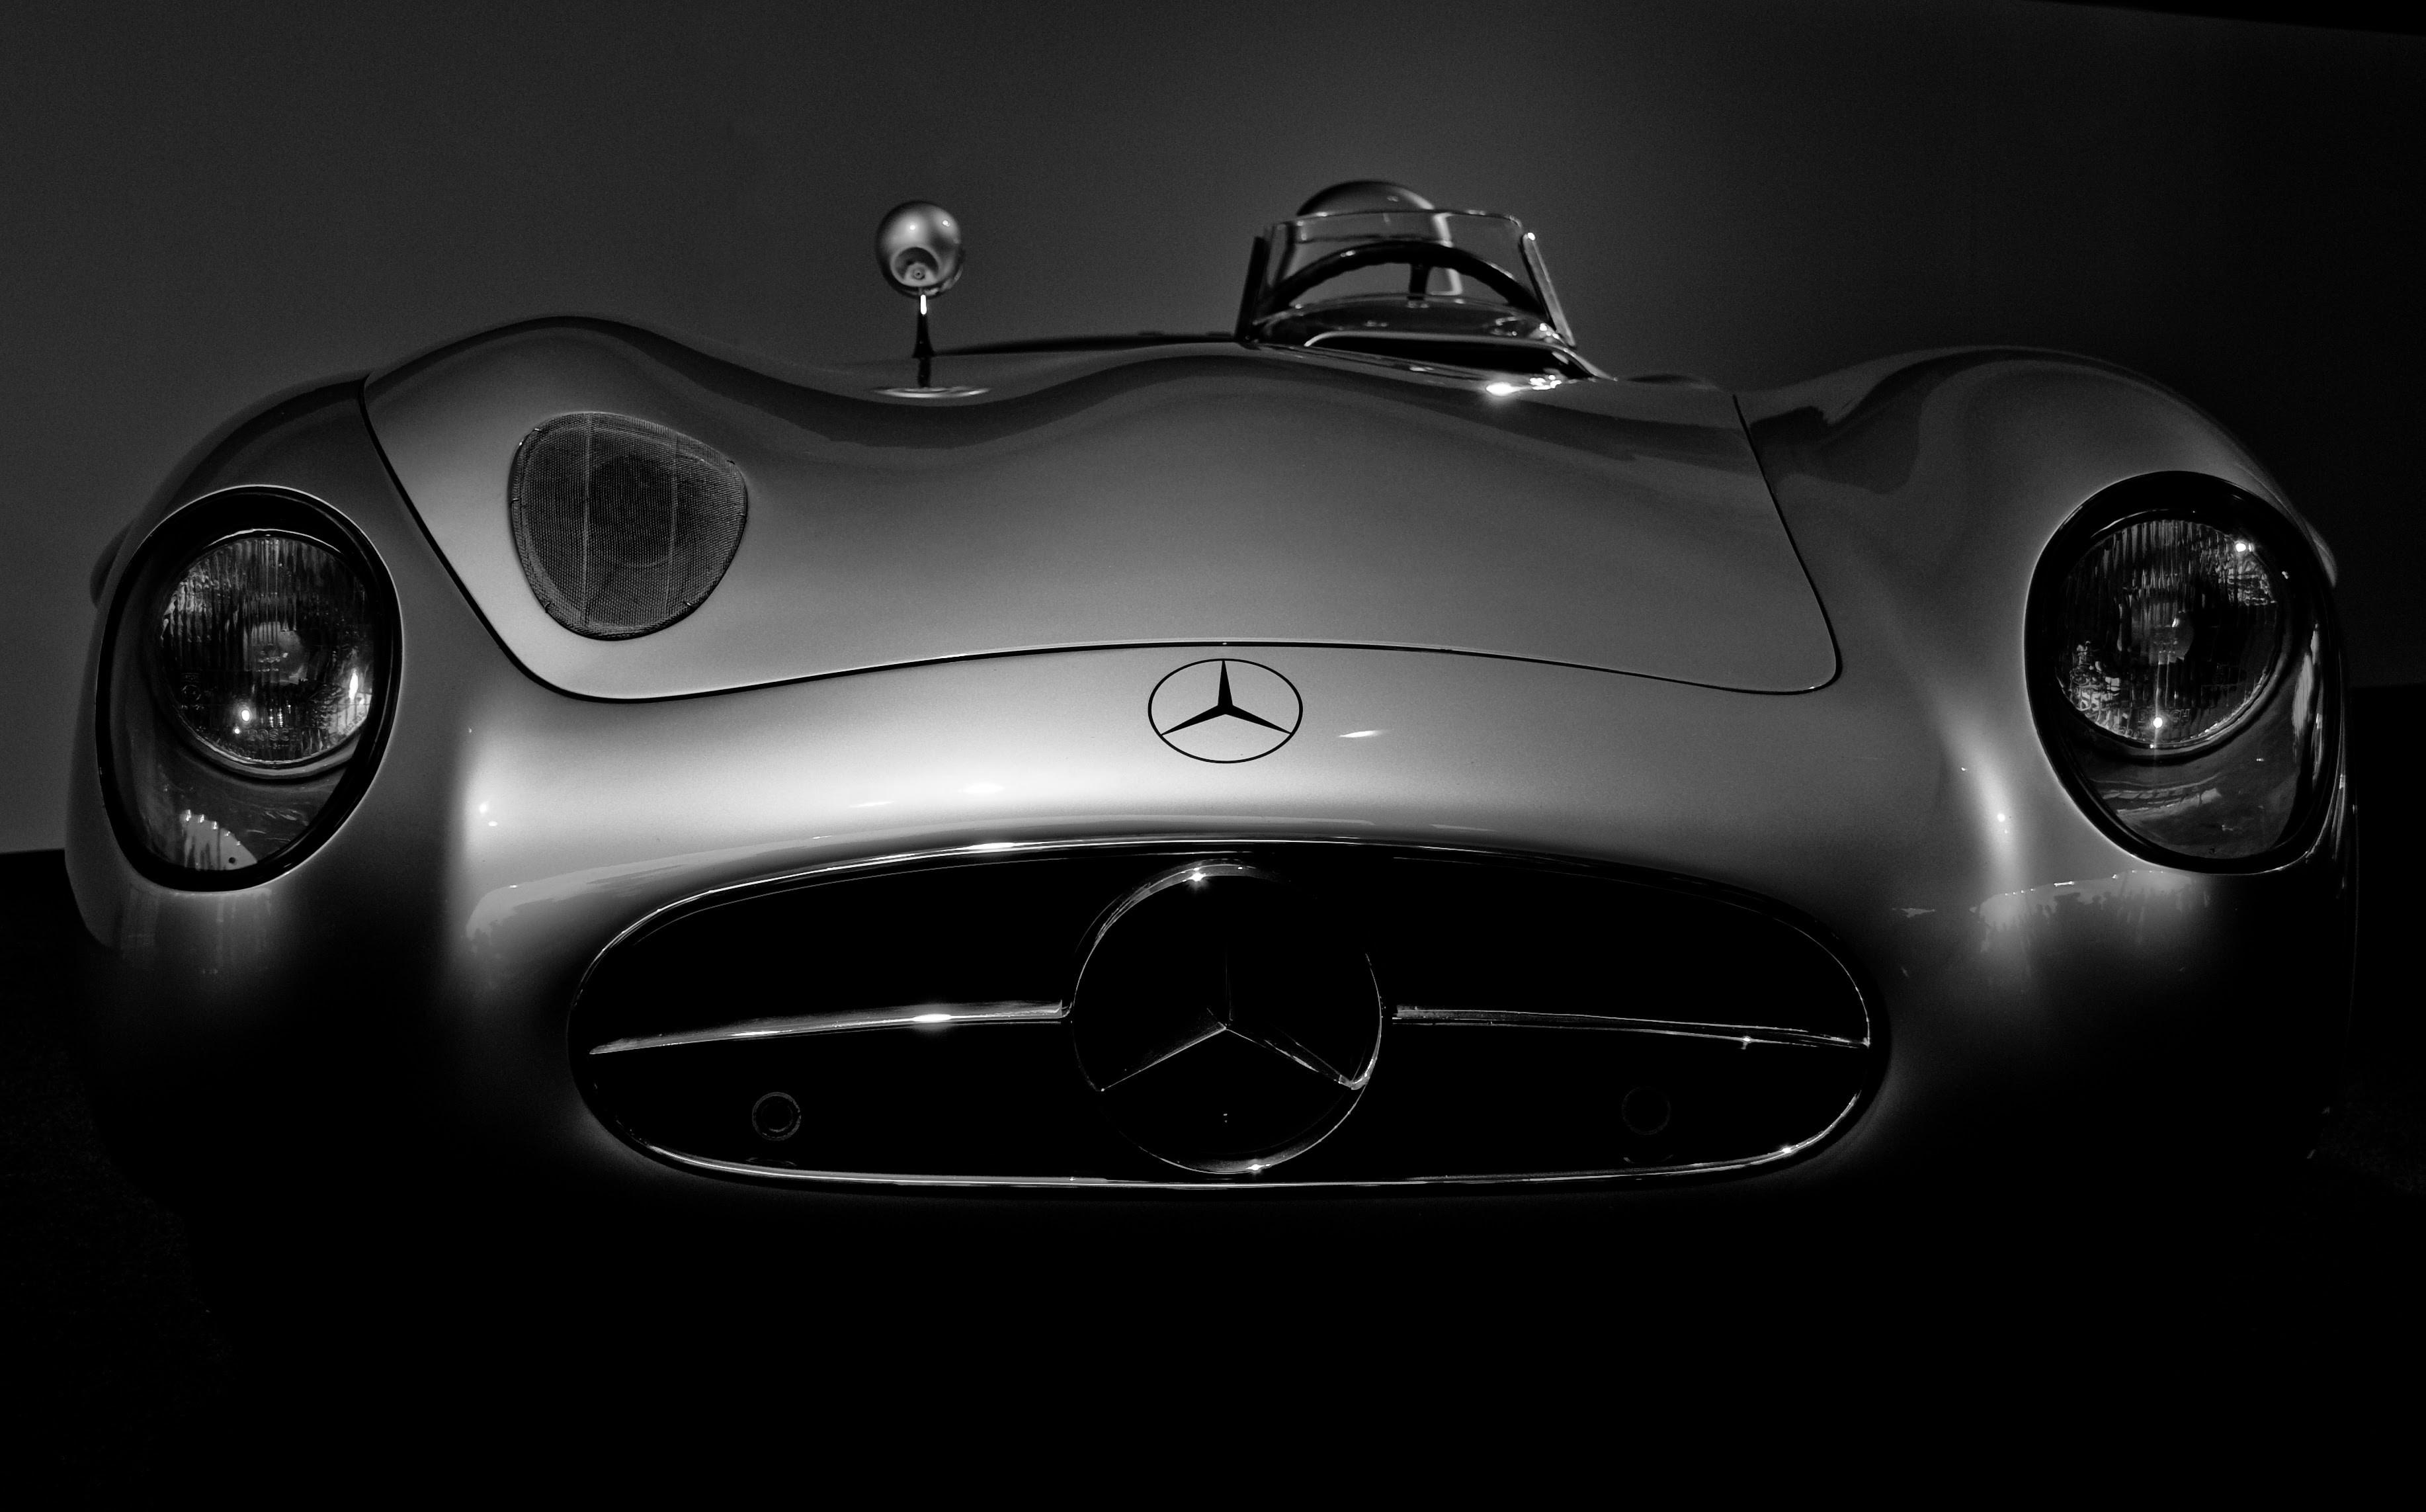 gray Mercedes-Benz car